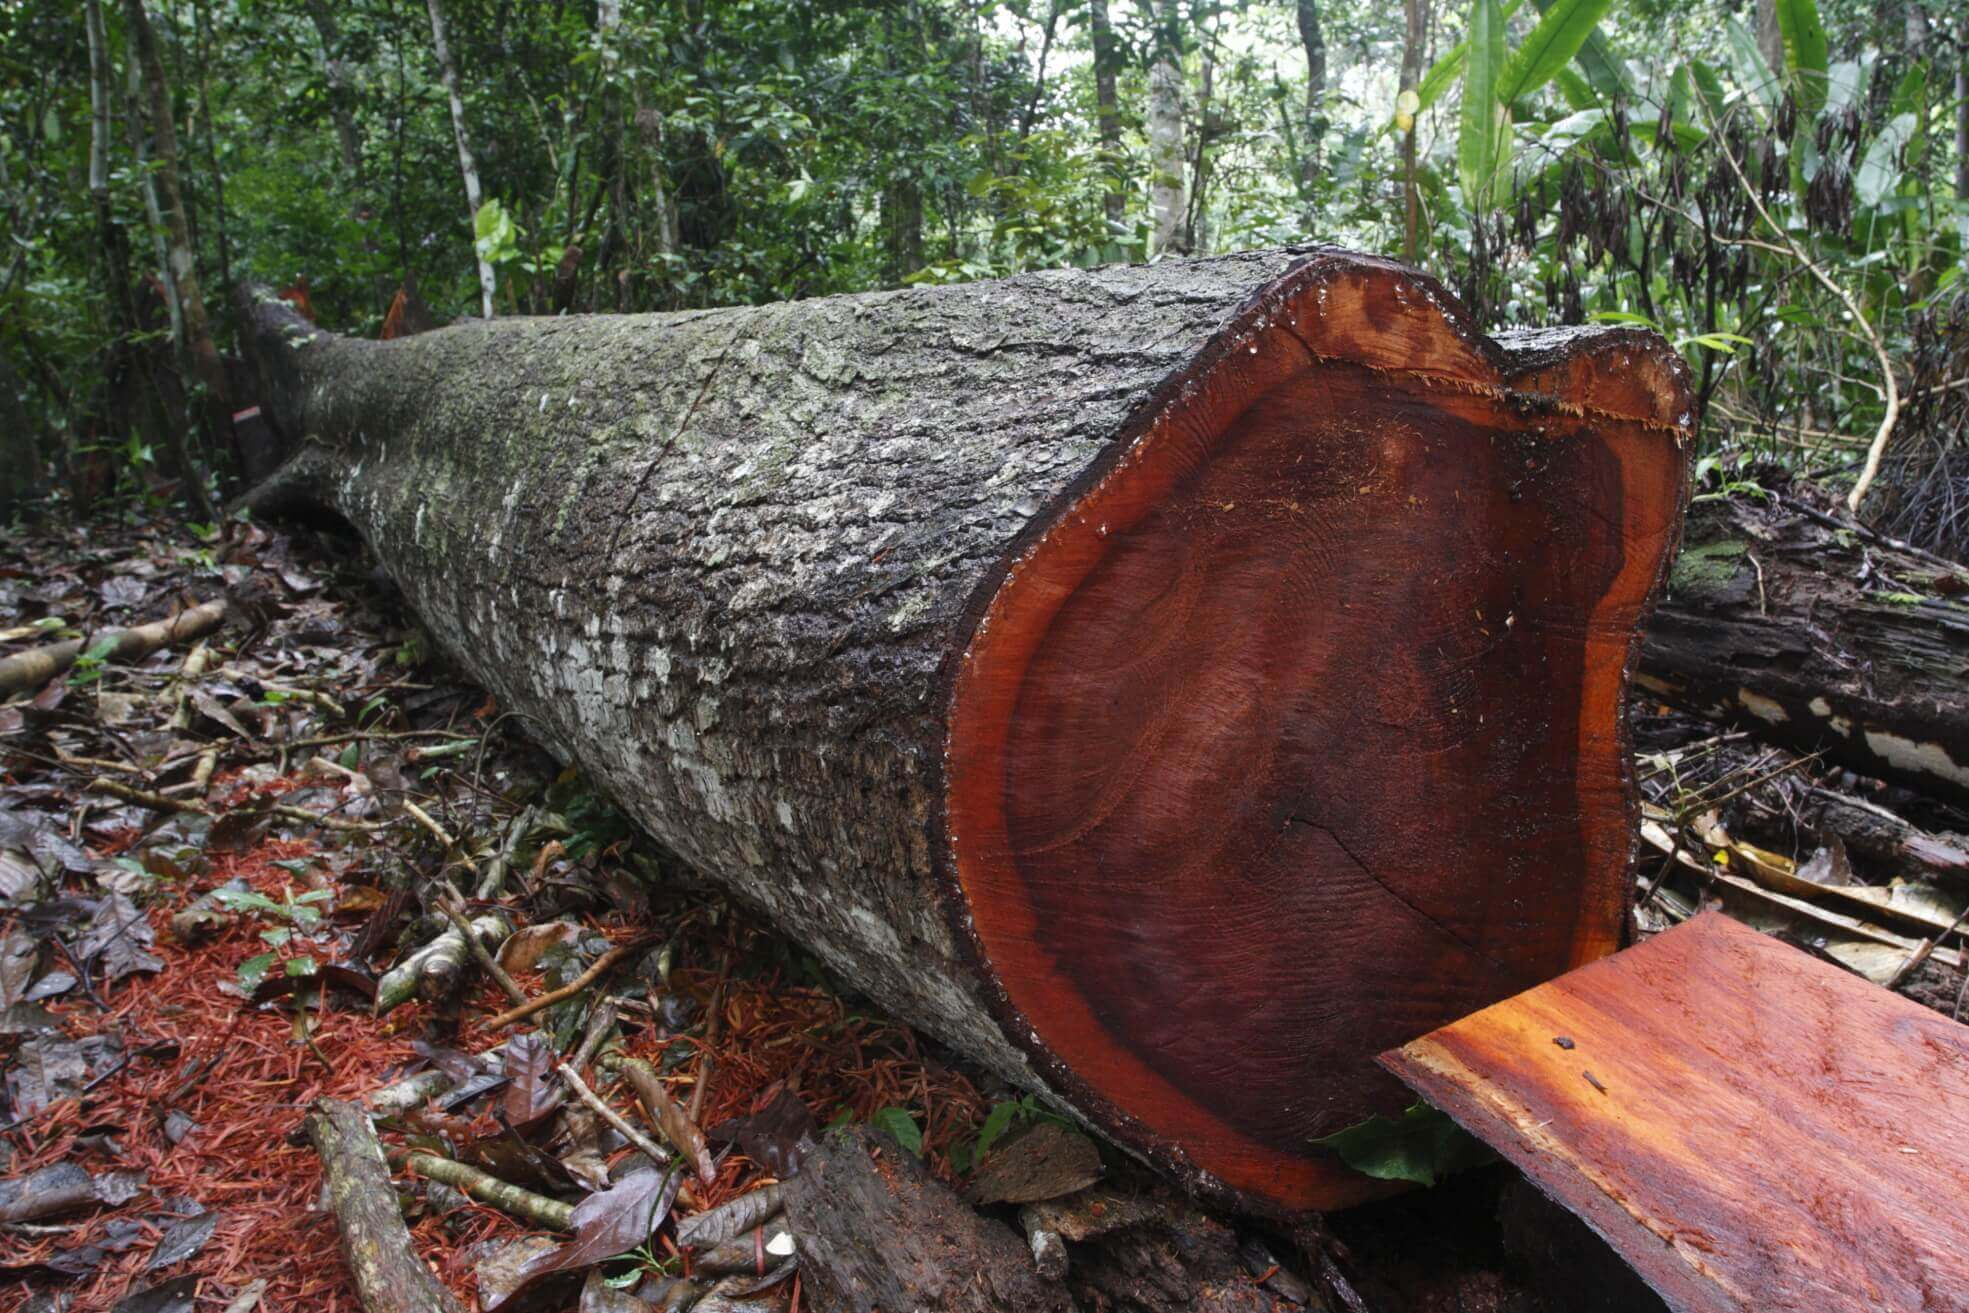 איך לבחור מחסן עצים בראשון לציון?